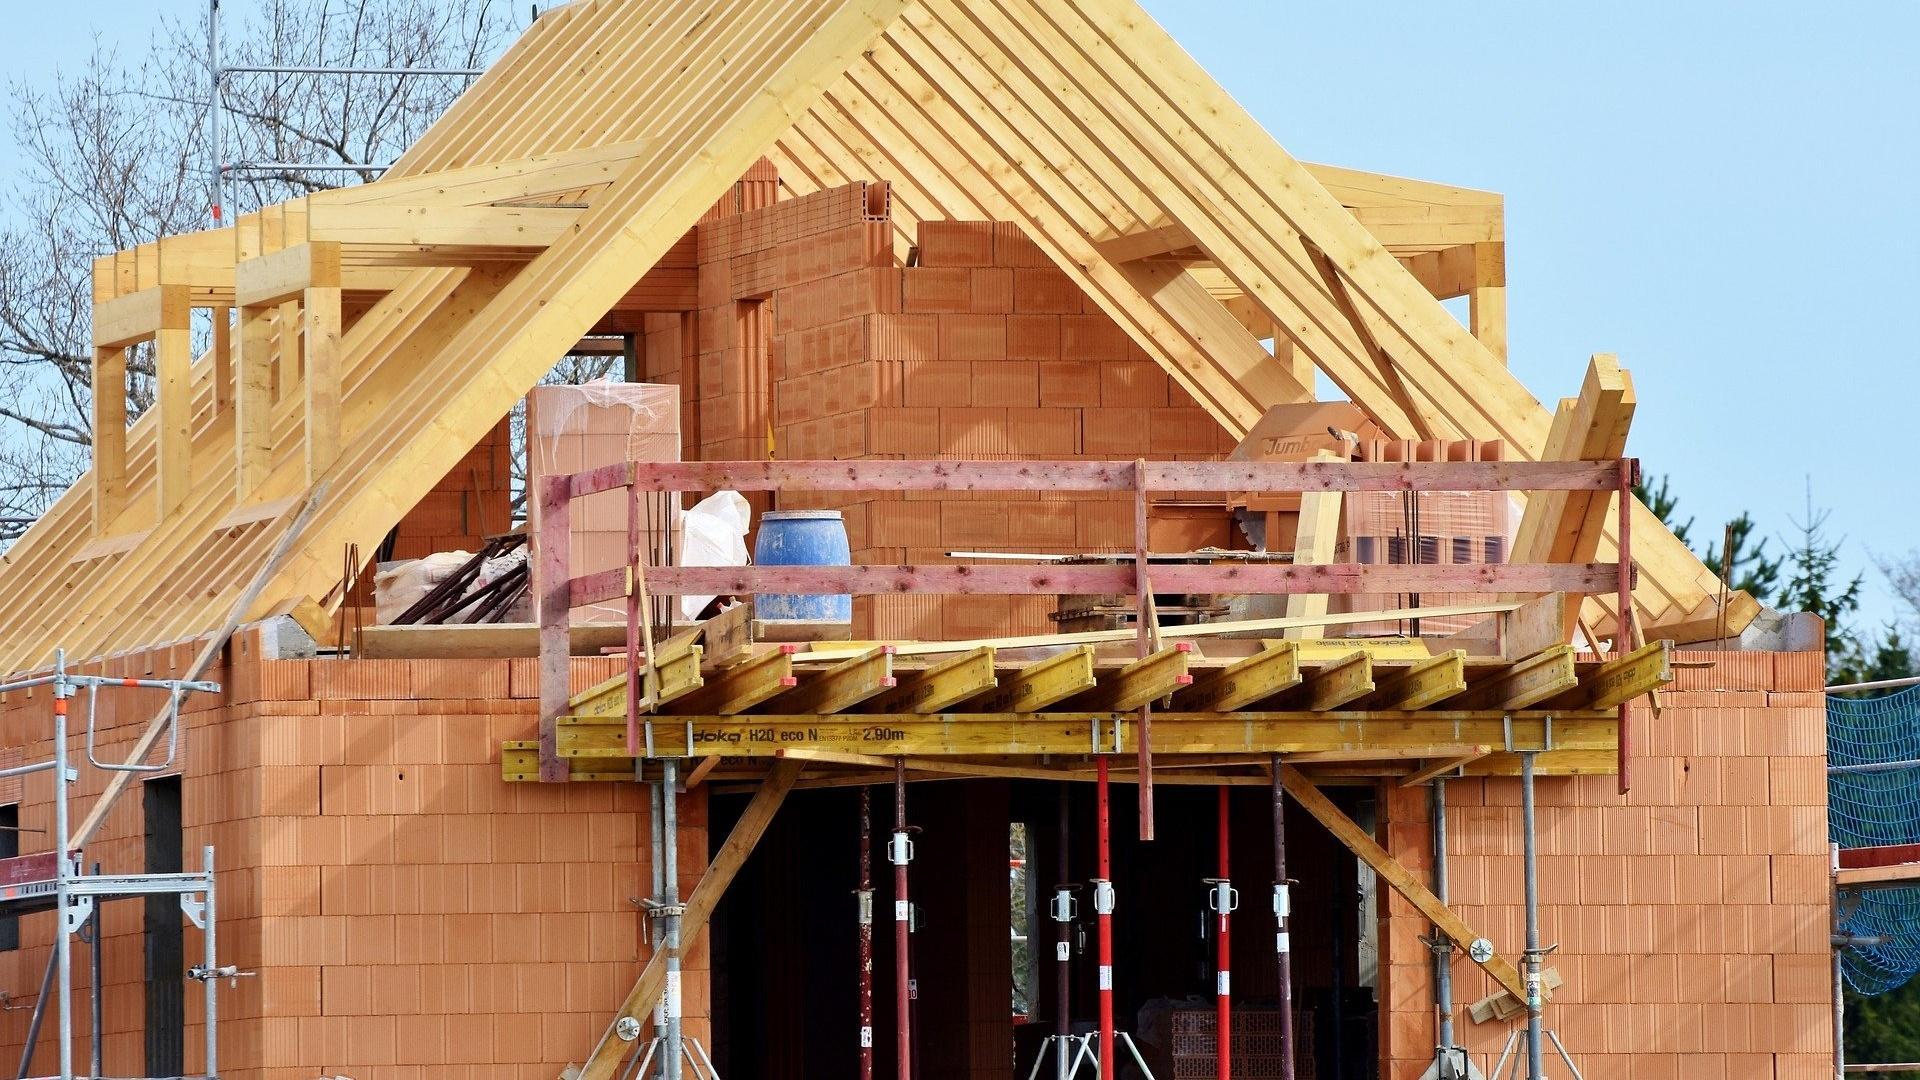 Über die korrekte Entsorgung des Lehmbodenaushubes sollten sich Bauherren schon im Vorfeld Gedanken machen.